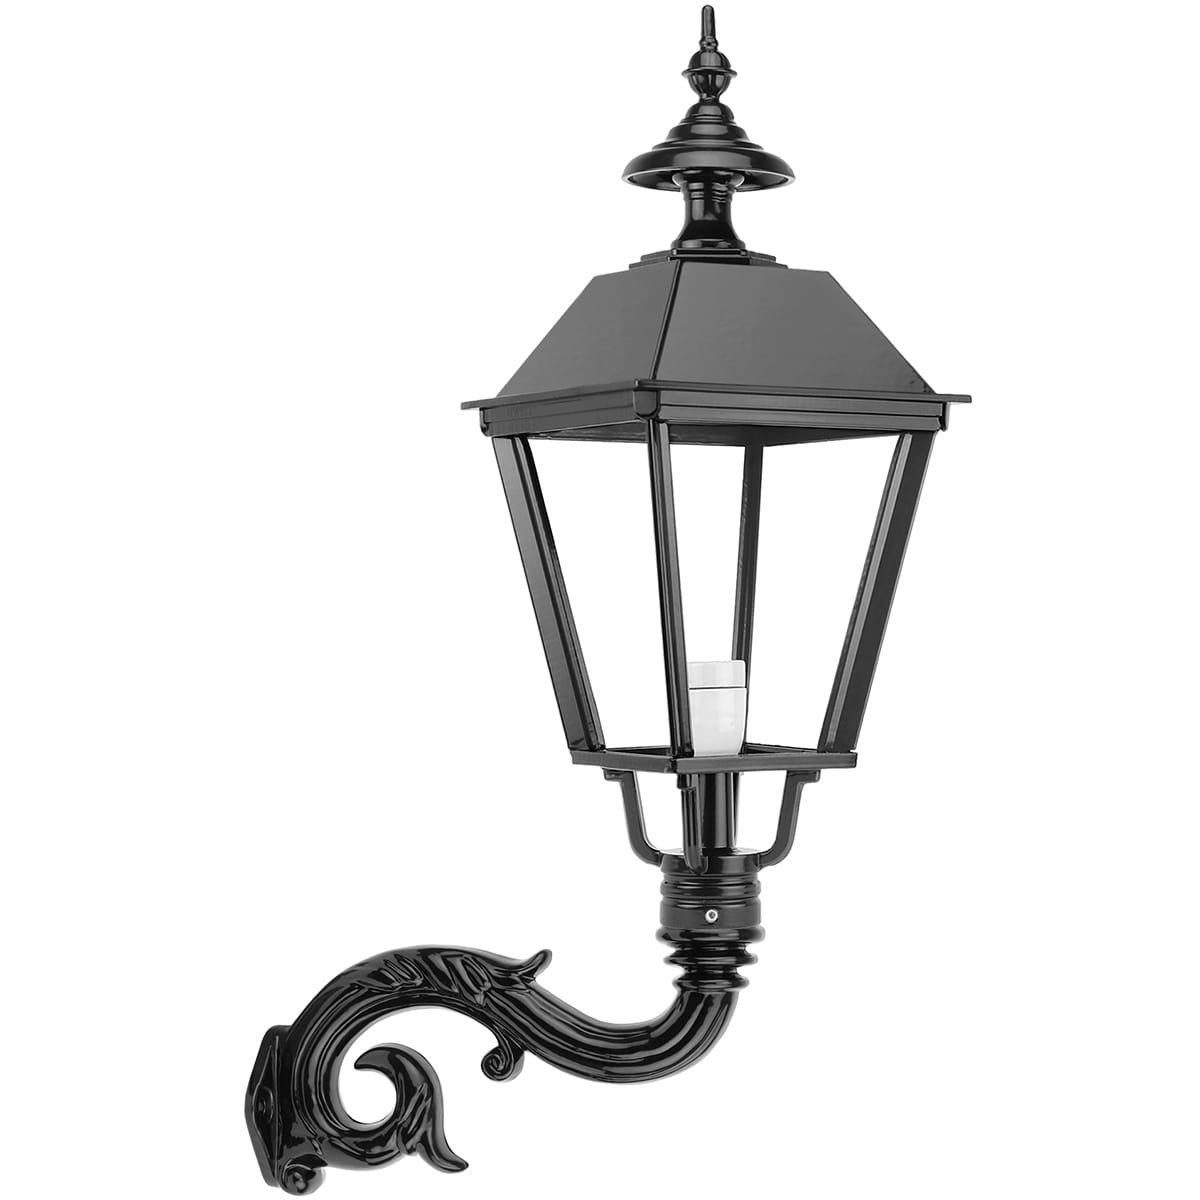 Buitenverlichting Klassiek Landelijk Schuurlamp vierkant Beverwijk - 77 cm